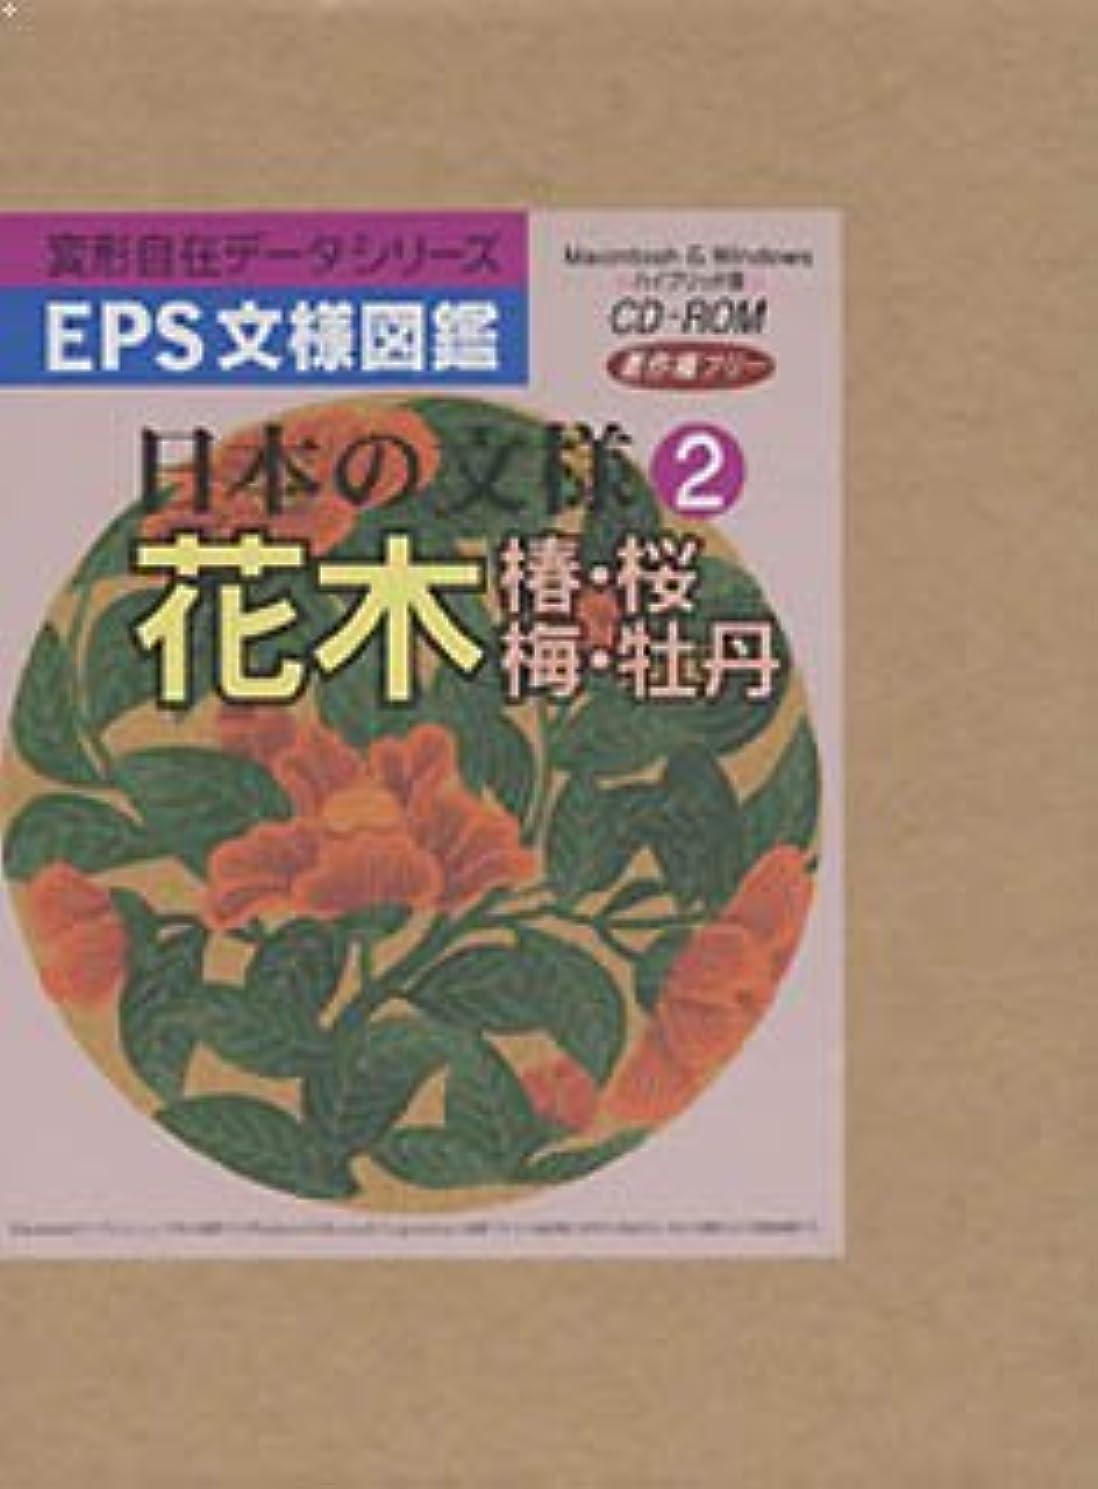 ランデブーブラウザランデブーEPS文様図鑑 日本の文様 2 花木(椿?桜?梅?牡丹)